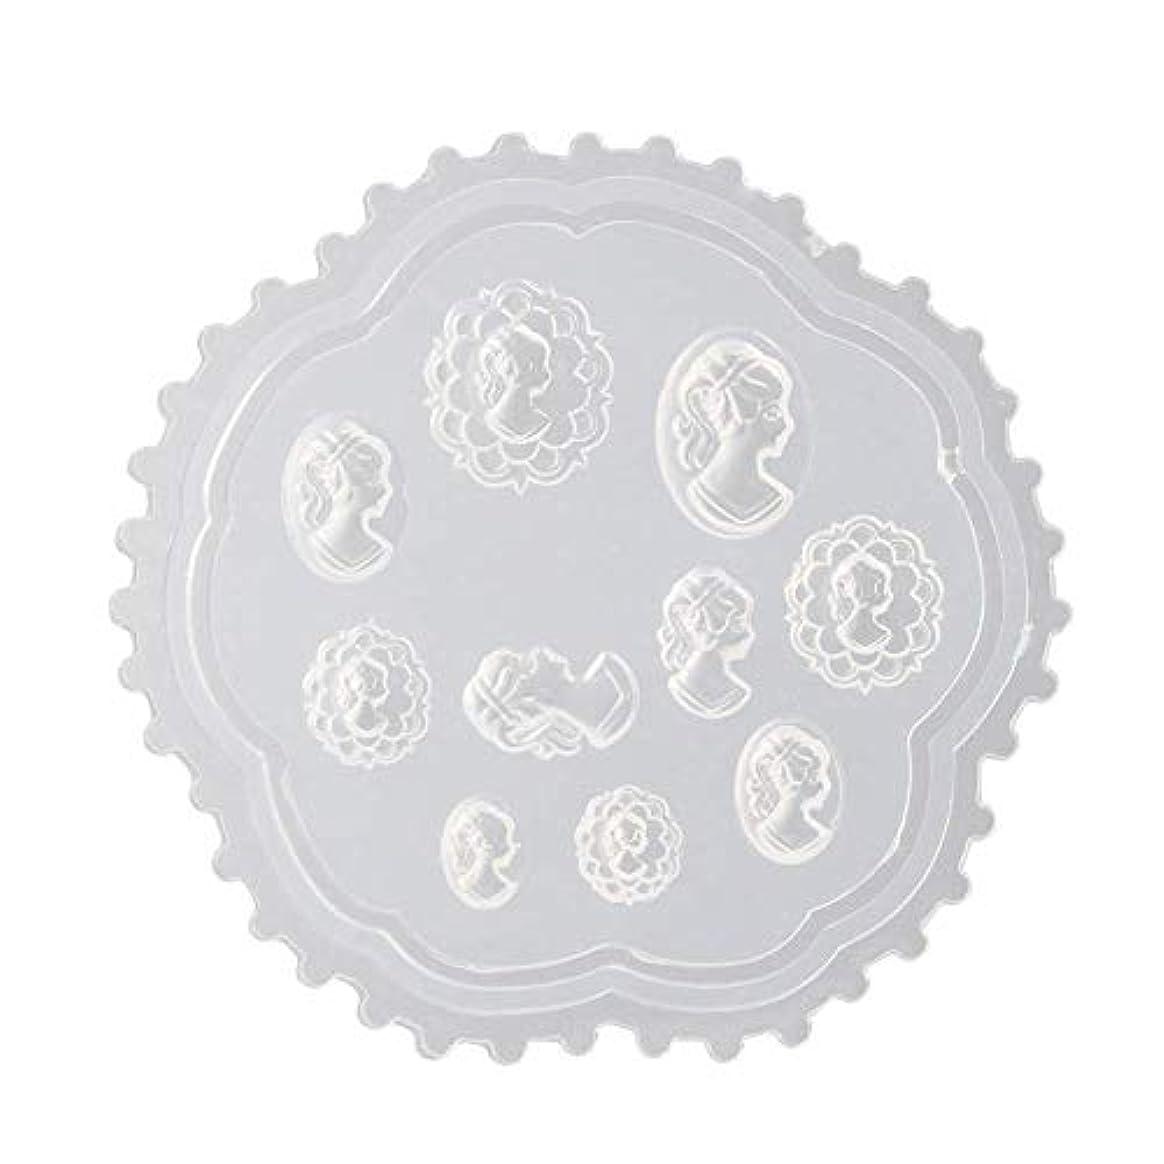 お風呂薄いです間に合わせFlymylion 3Dシリコンモールド ネイル 葉 花 抜き型 3Dネイル用 レジンモールド UVレジン ネイルパーツ ジェル ネイル セット アクセサリー パーツ 作成 (2)